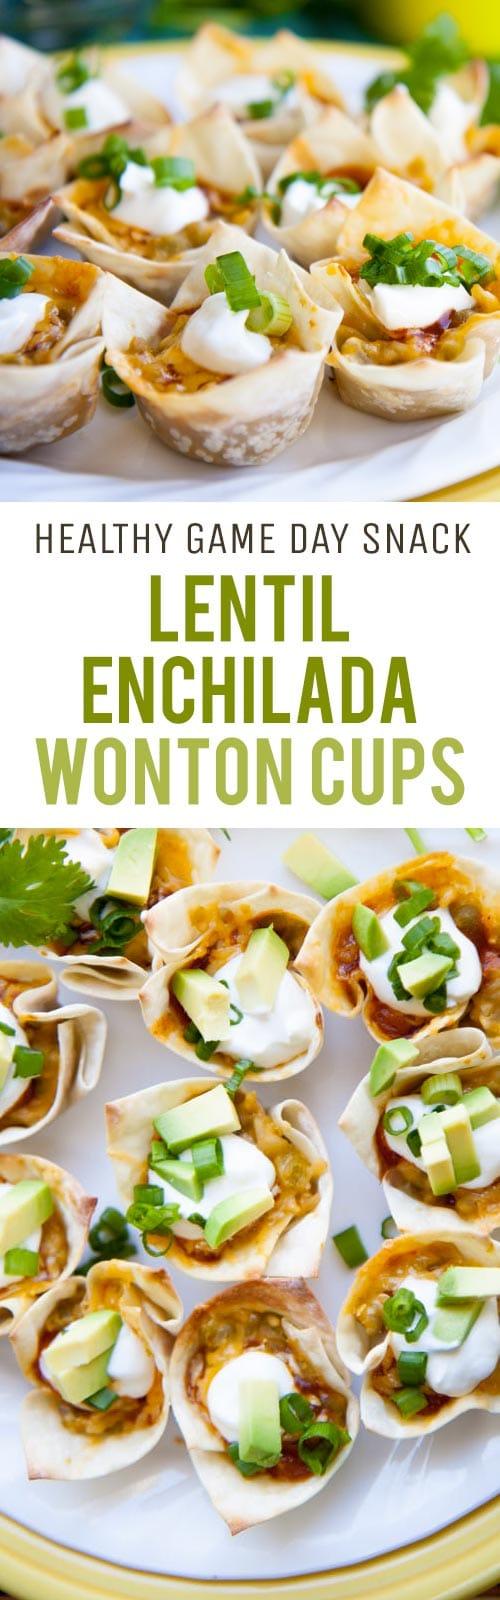 Lentil Enchilada Wonton Cups